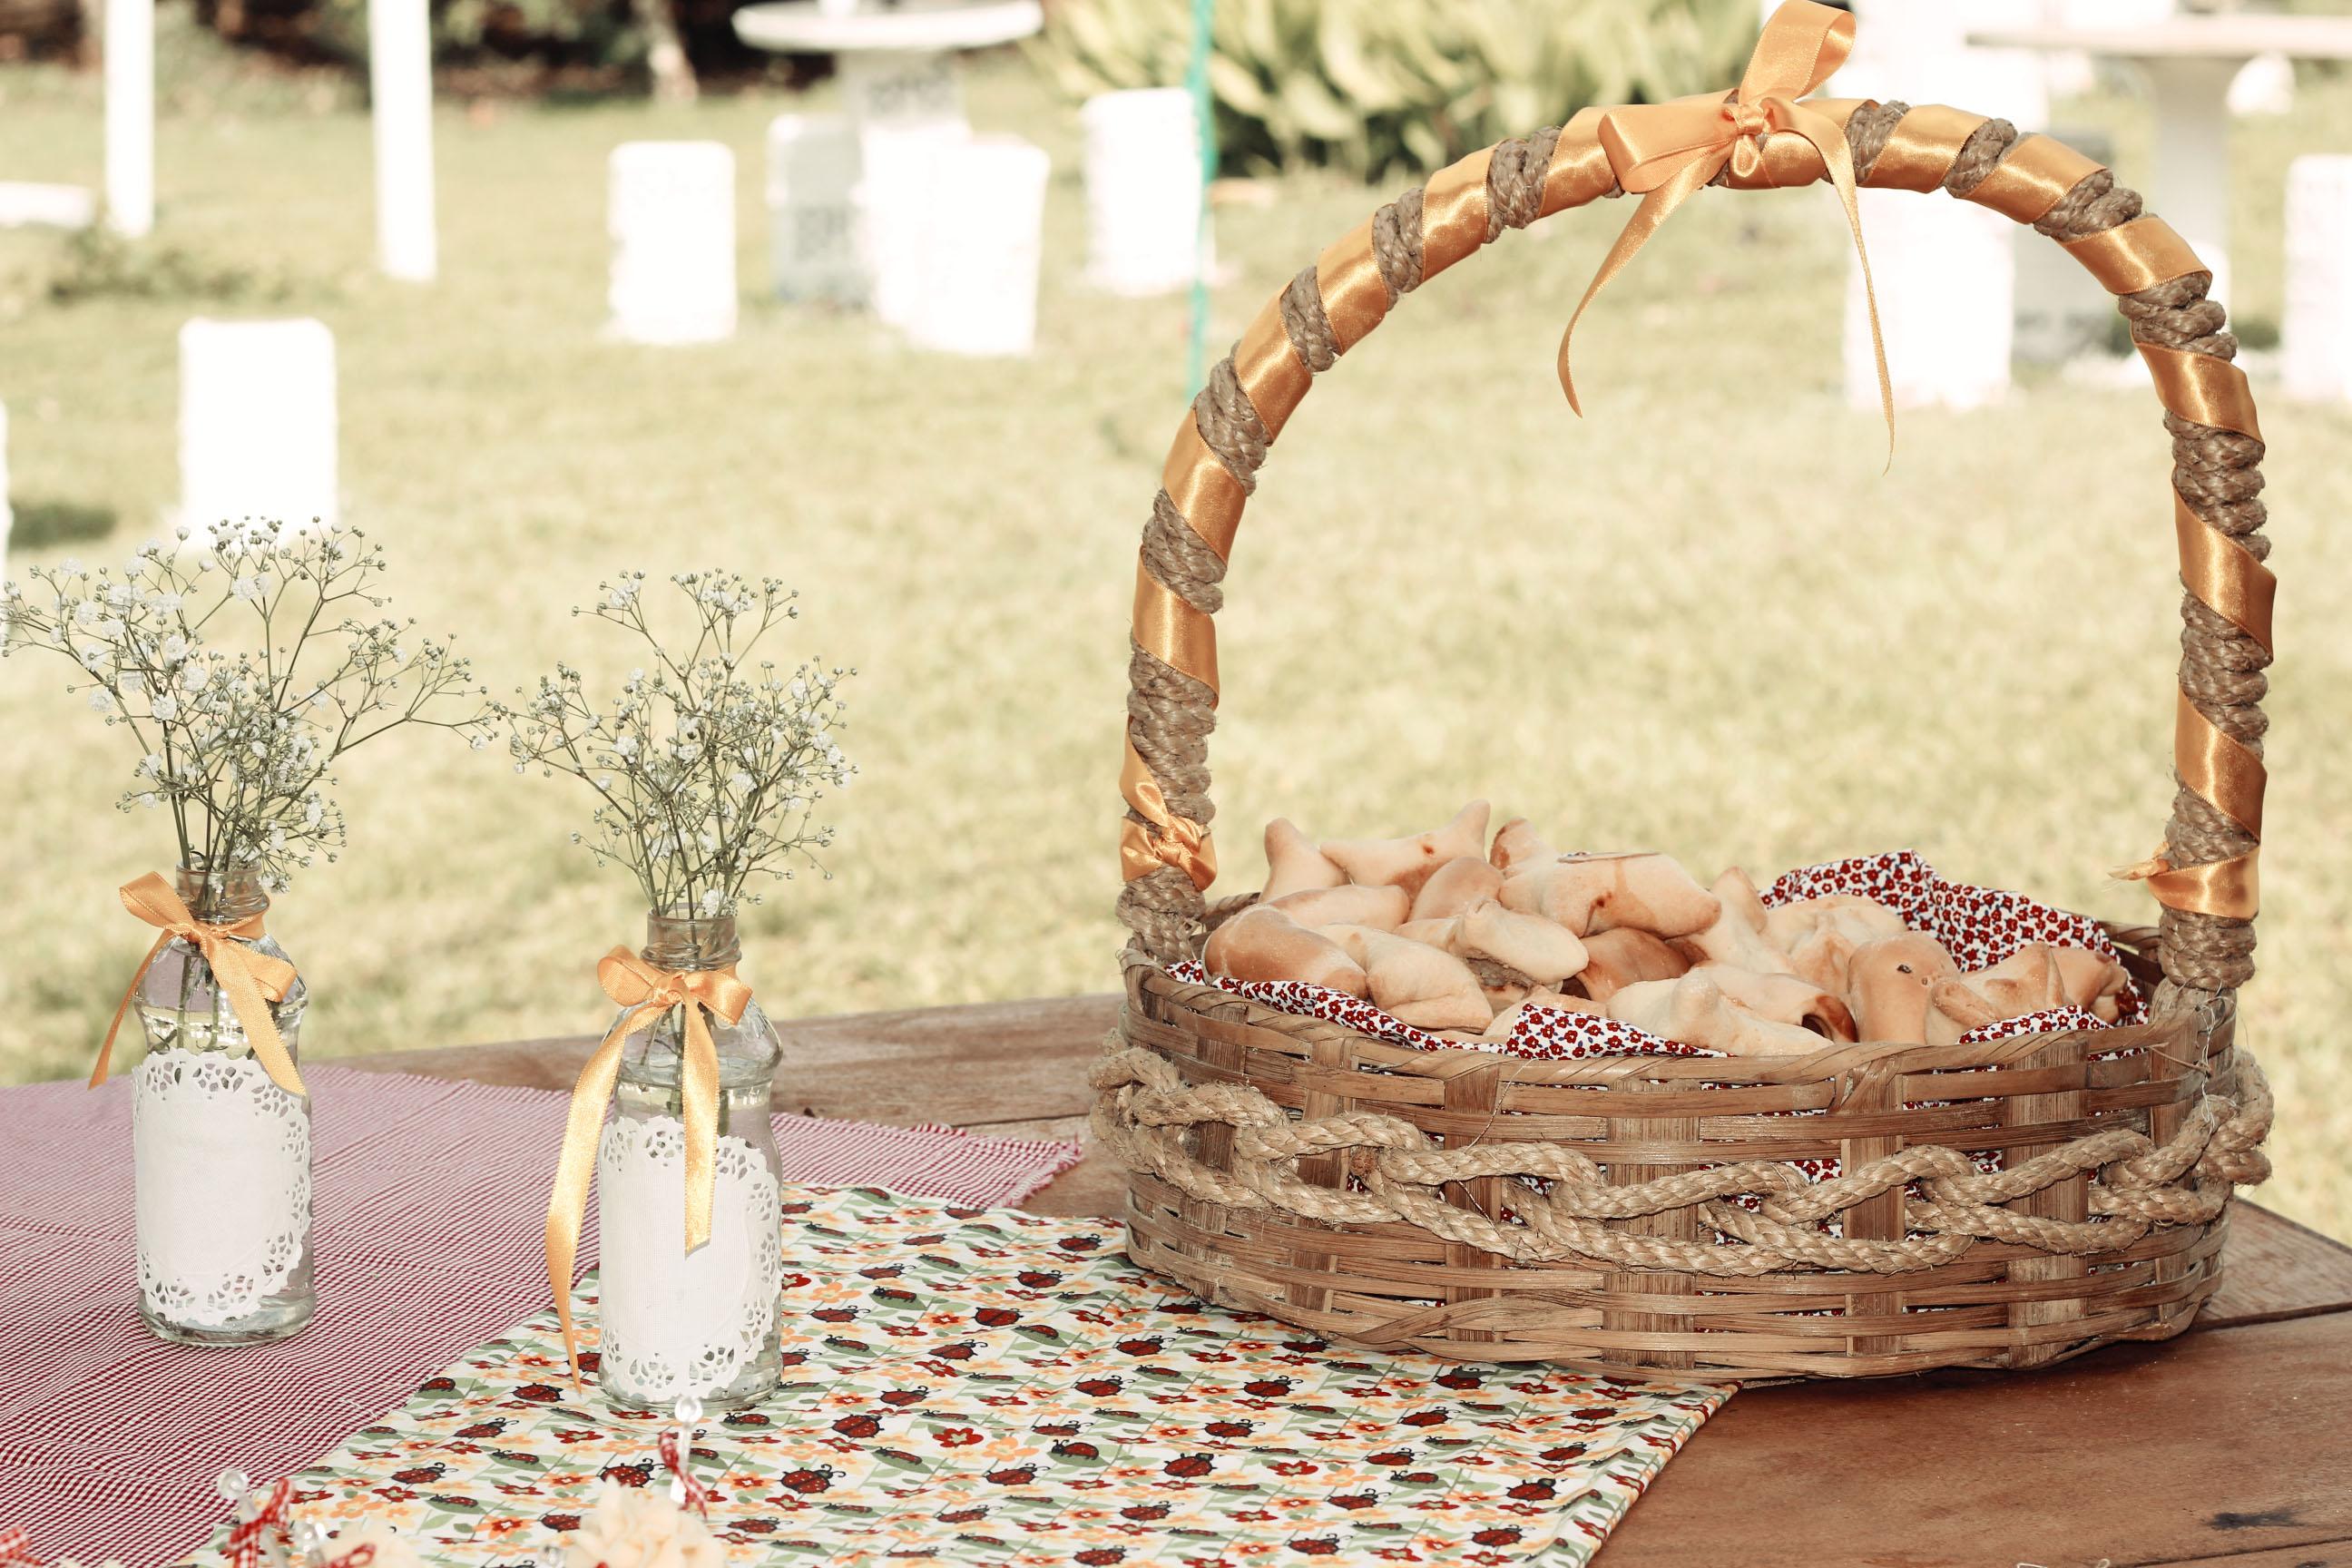 decoracao alternativa e barata para casamento:solta e inovar afinal de contas a decoração para aniversário deve